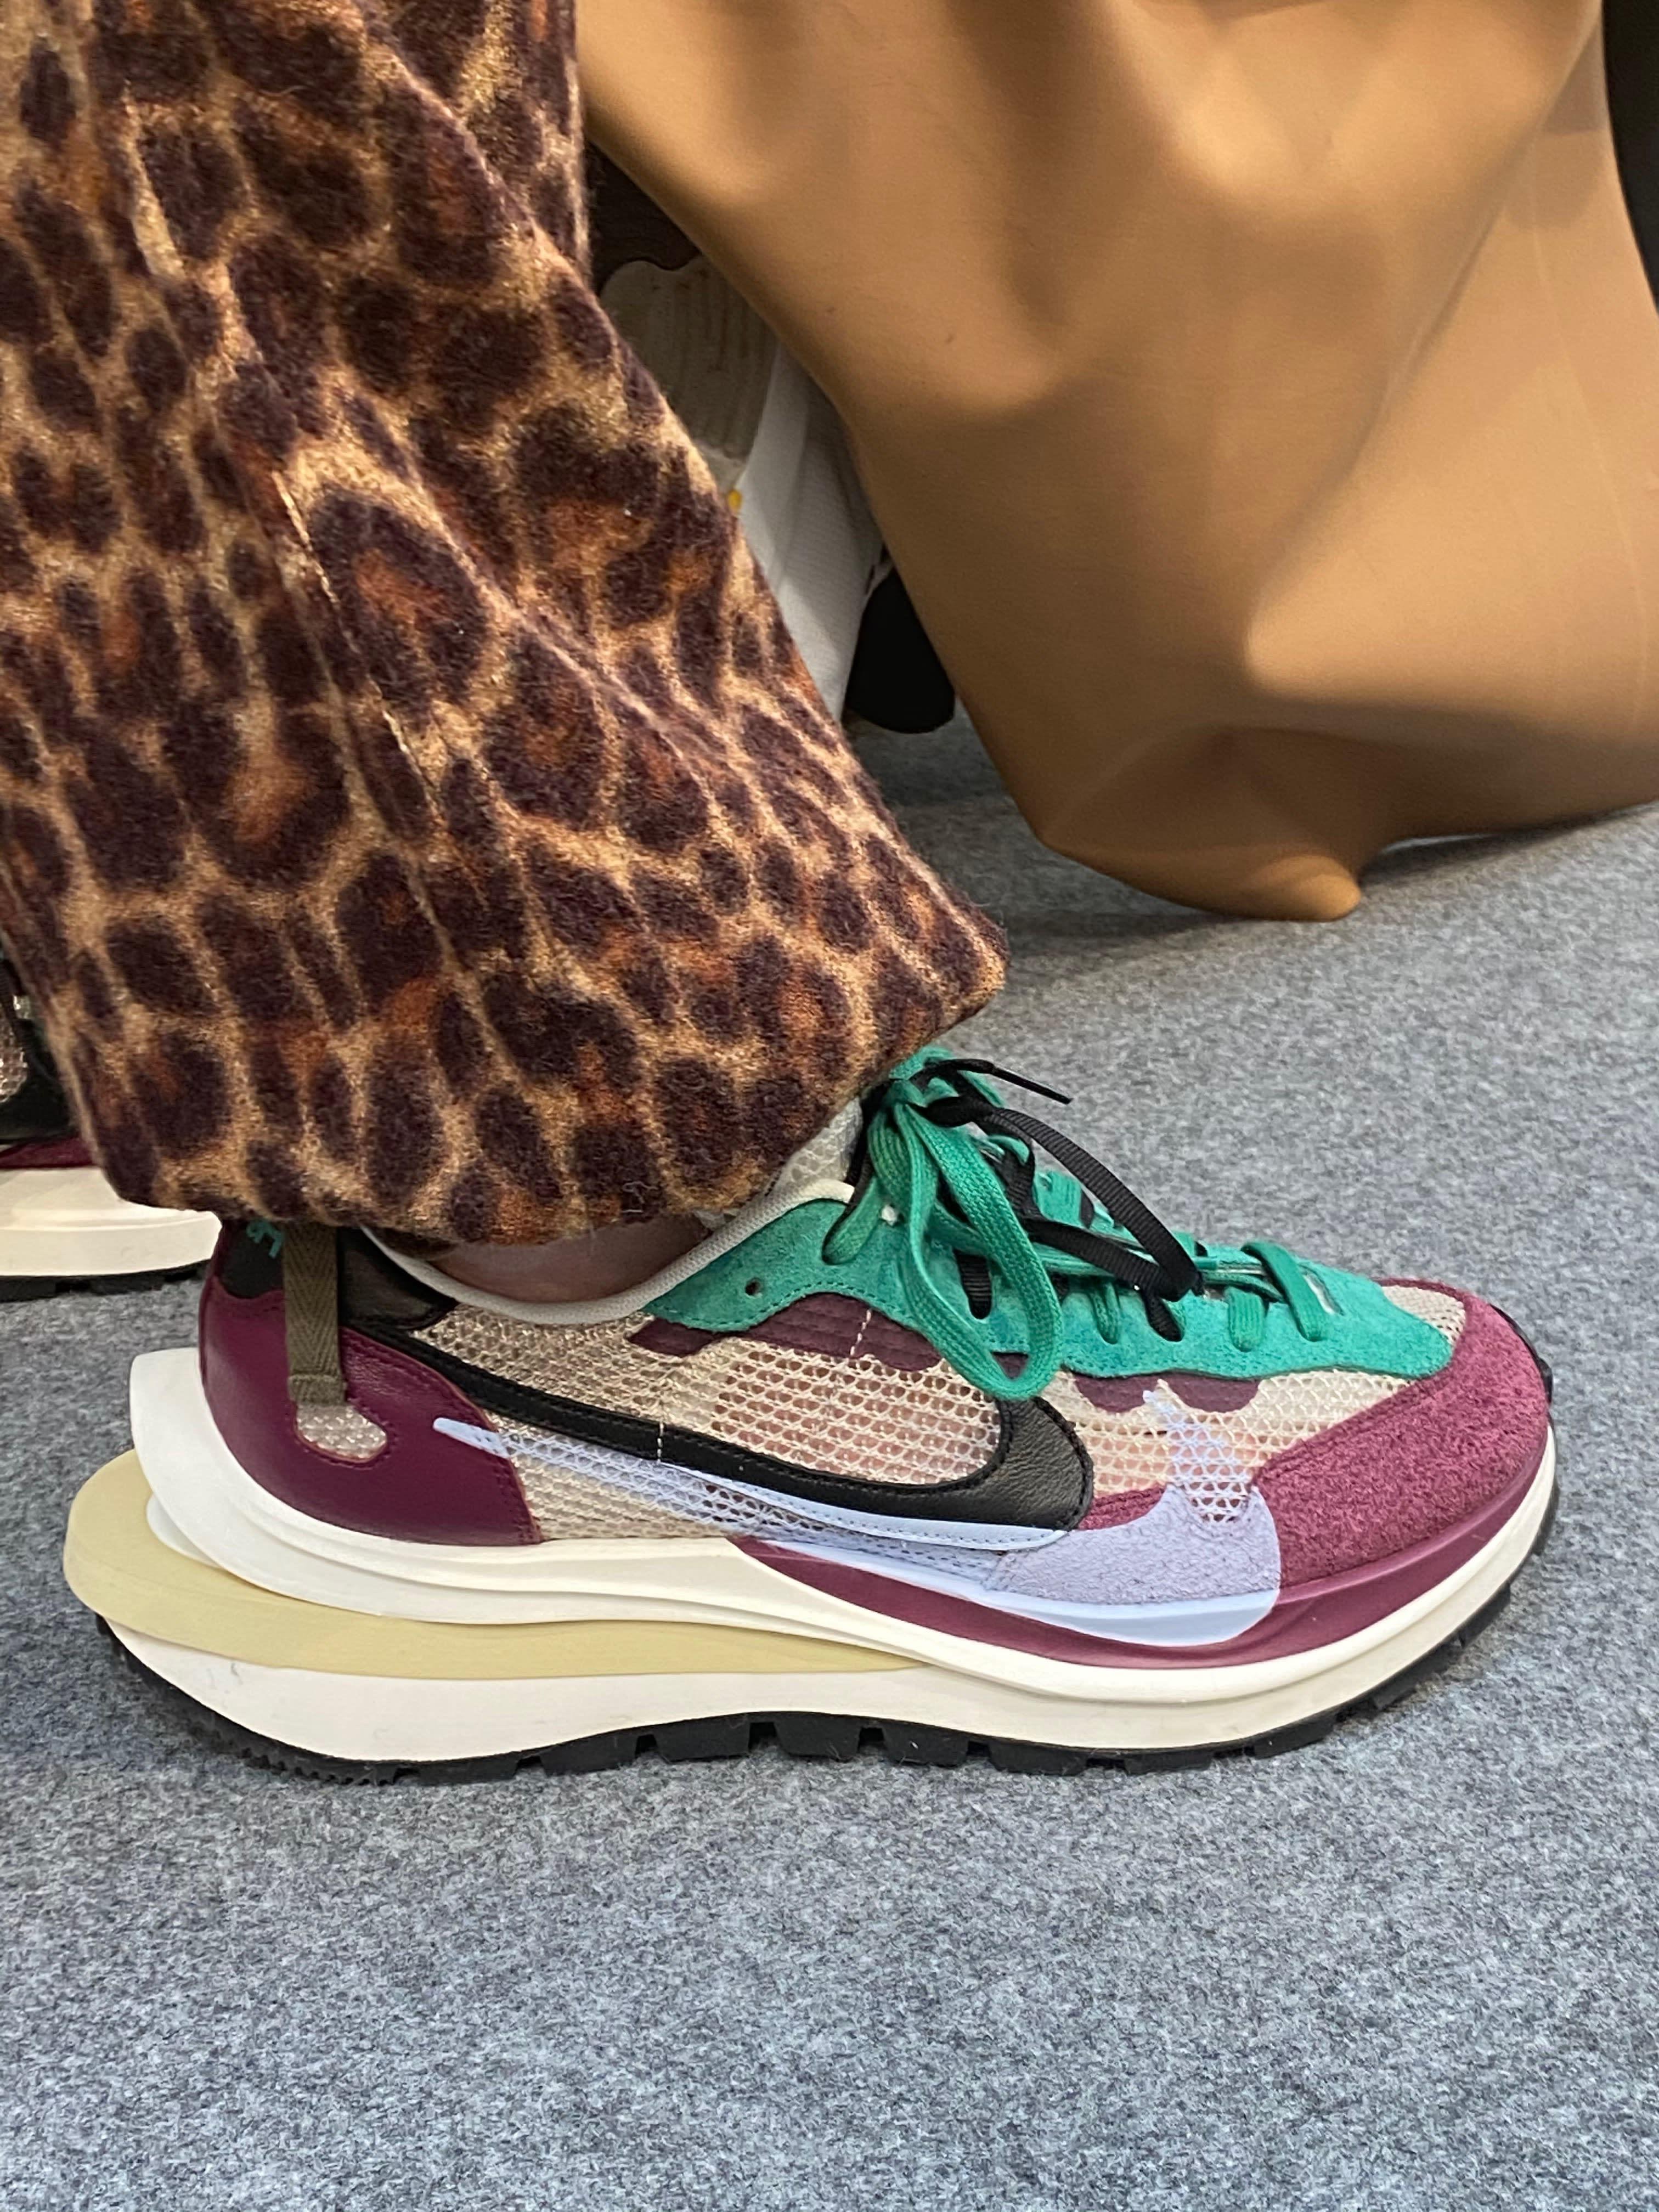 sacai-nike-vapor-pegasus-first-look-paris-fashion-week-2020